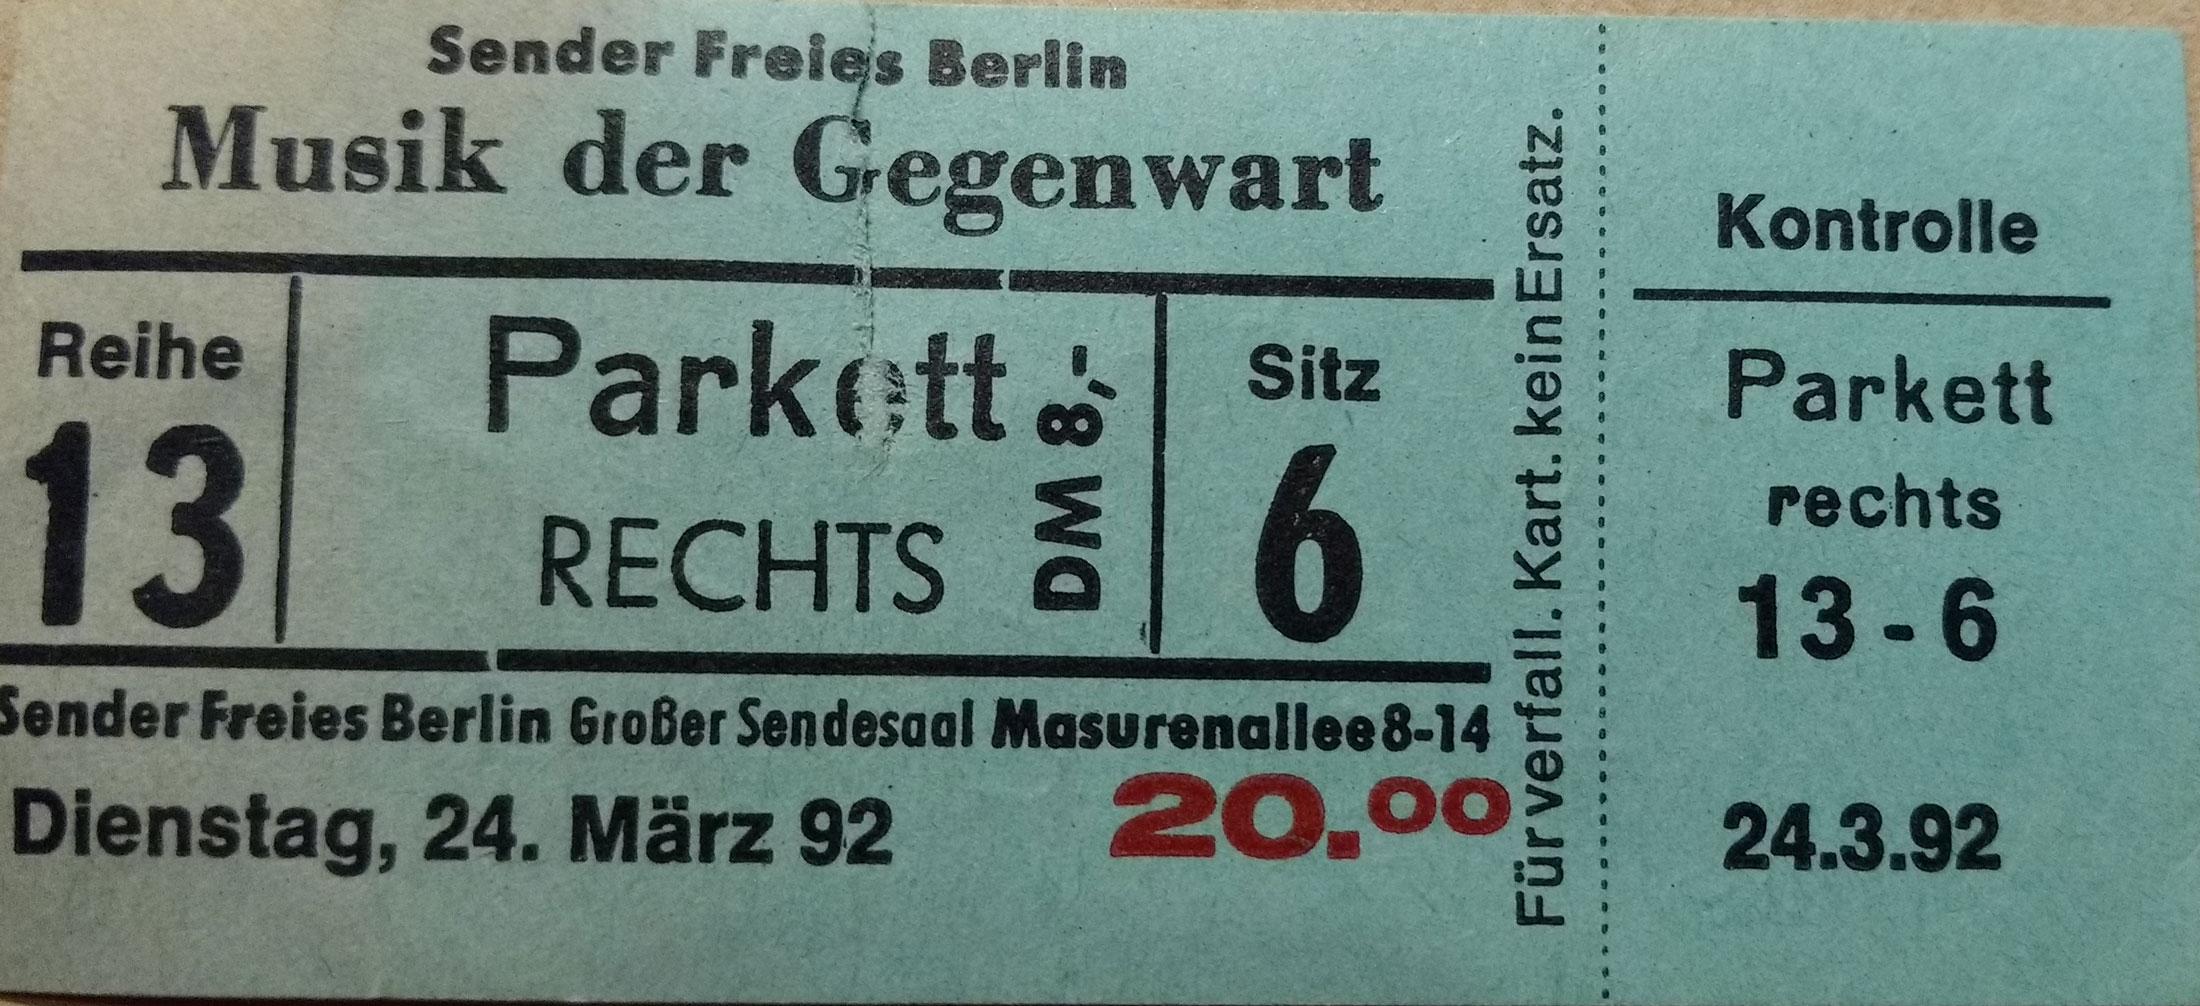 Musik der Gegenwart. Foto: Hufner